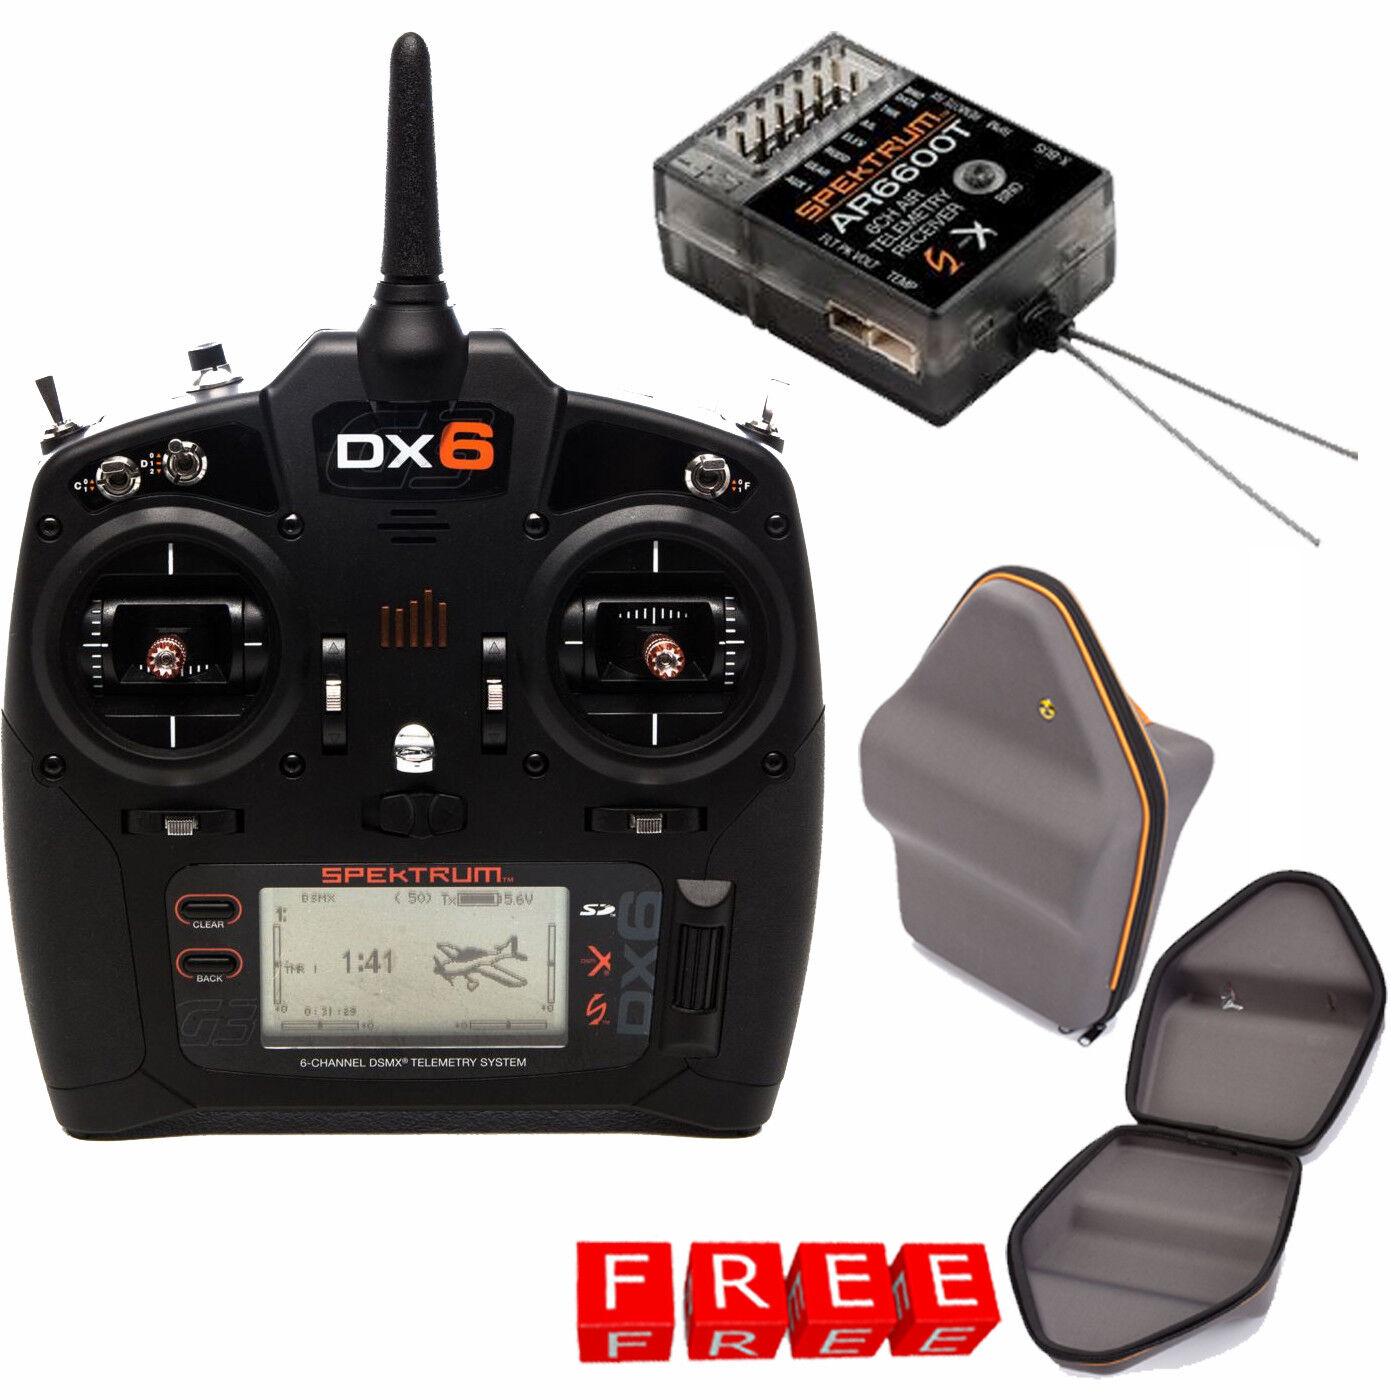 Spektrum DX6 6-Channel DSMX Transmitter Gen 3 w  Receiver  + gratuito Case  profitto zero